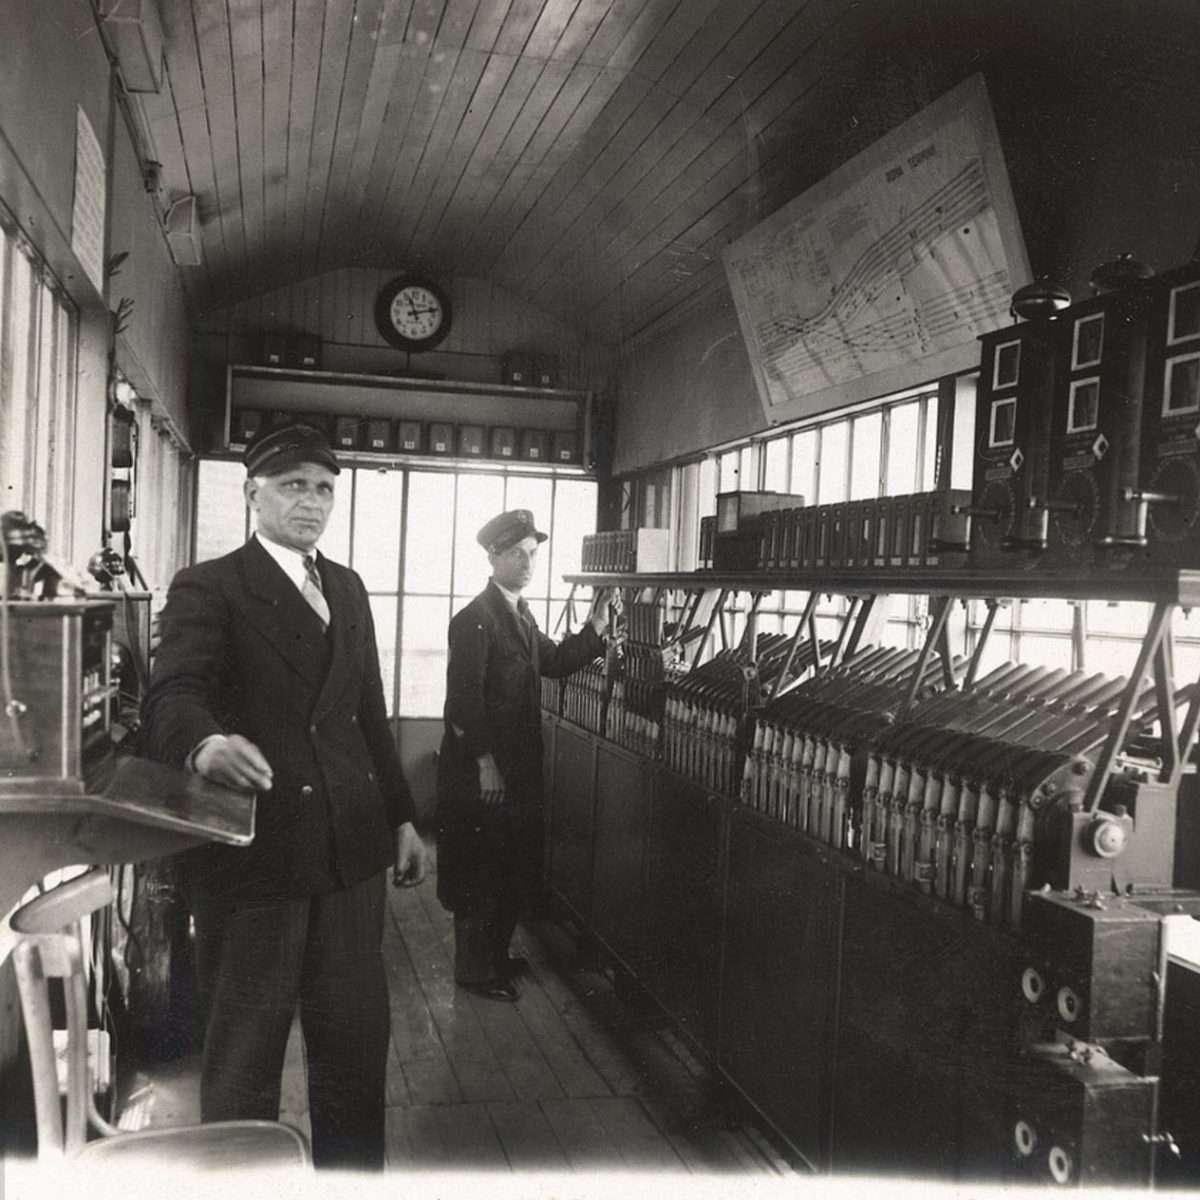 Apparato centrale a leve Antica Stazione Termini anni '30